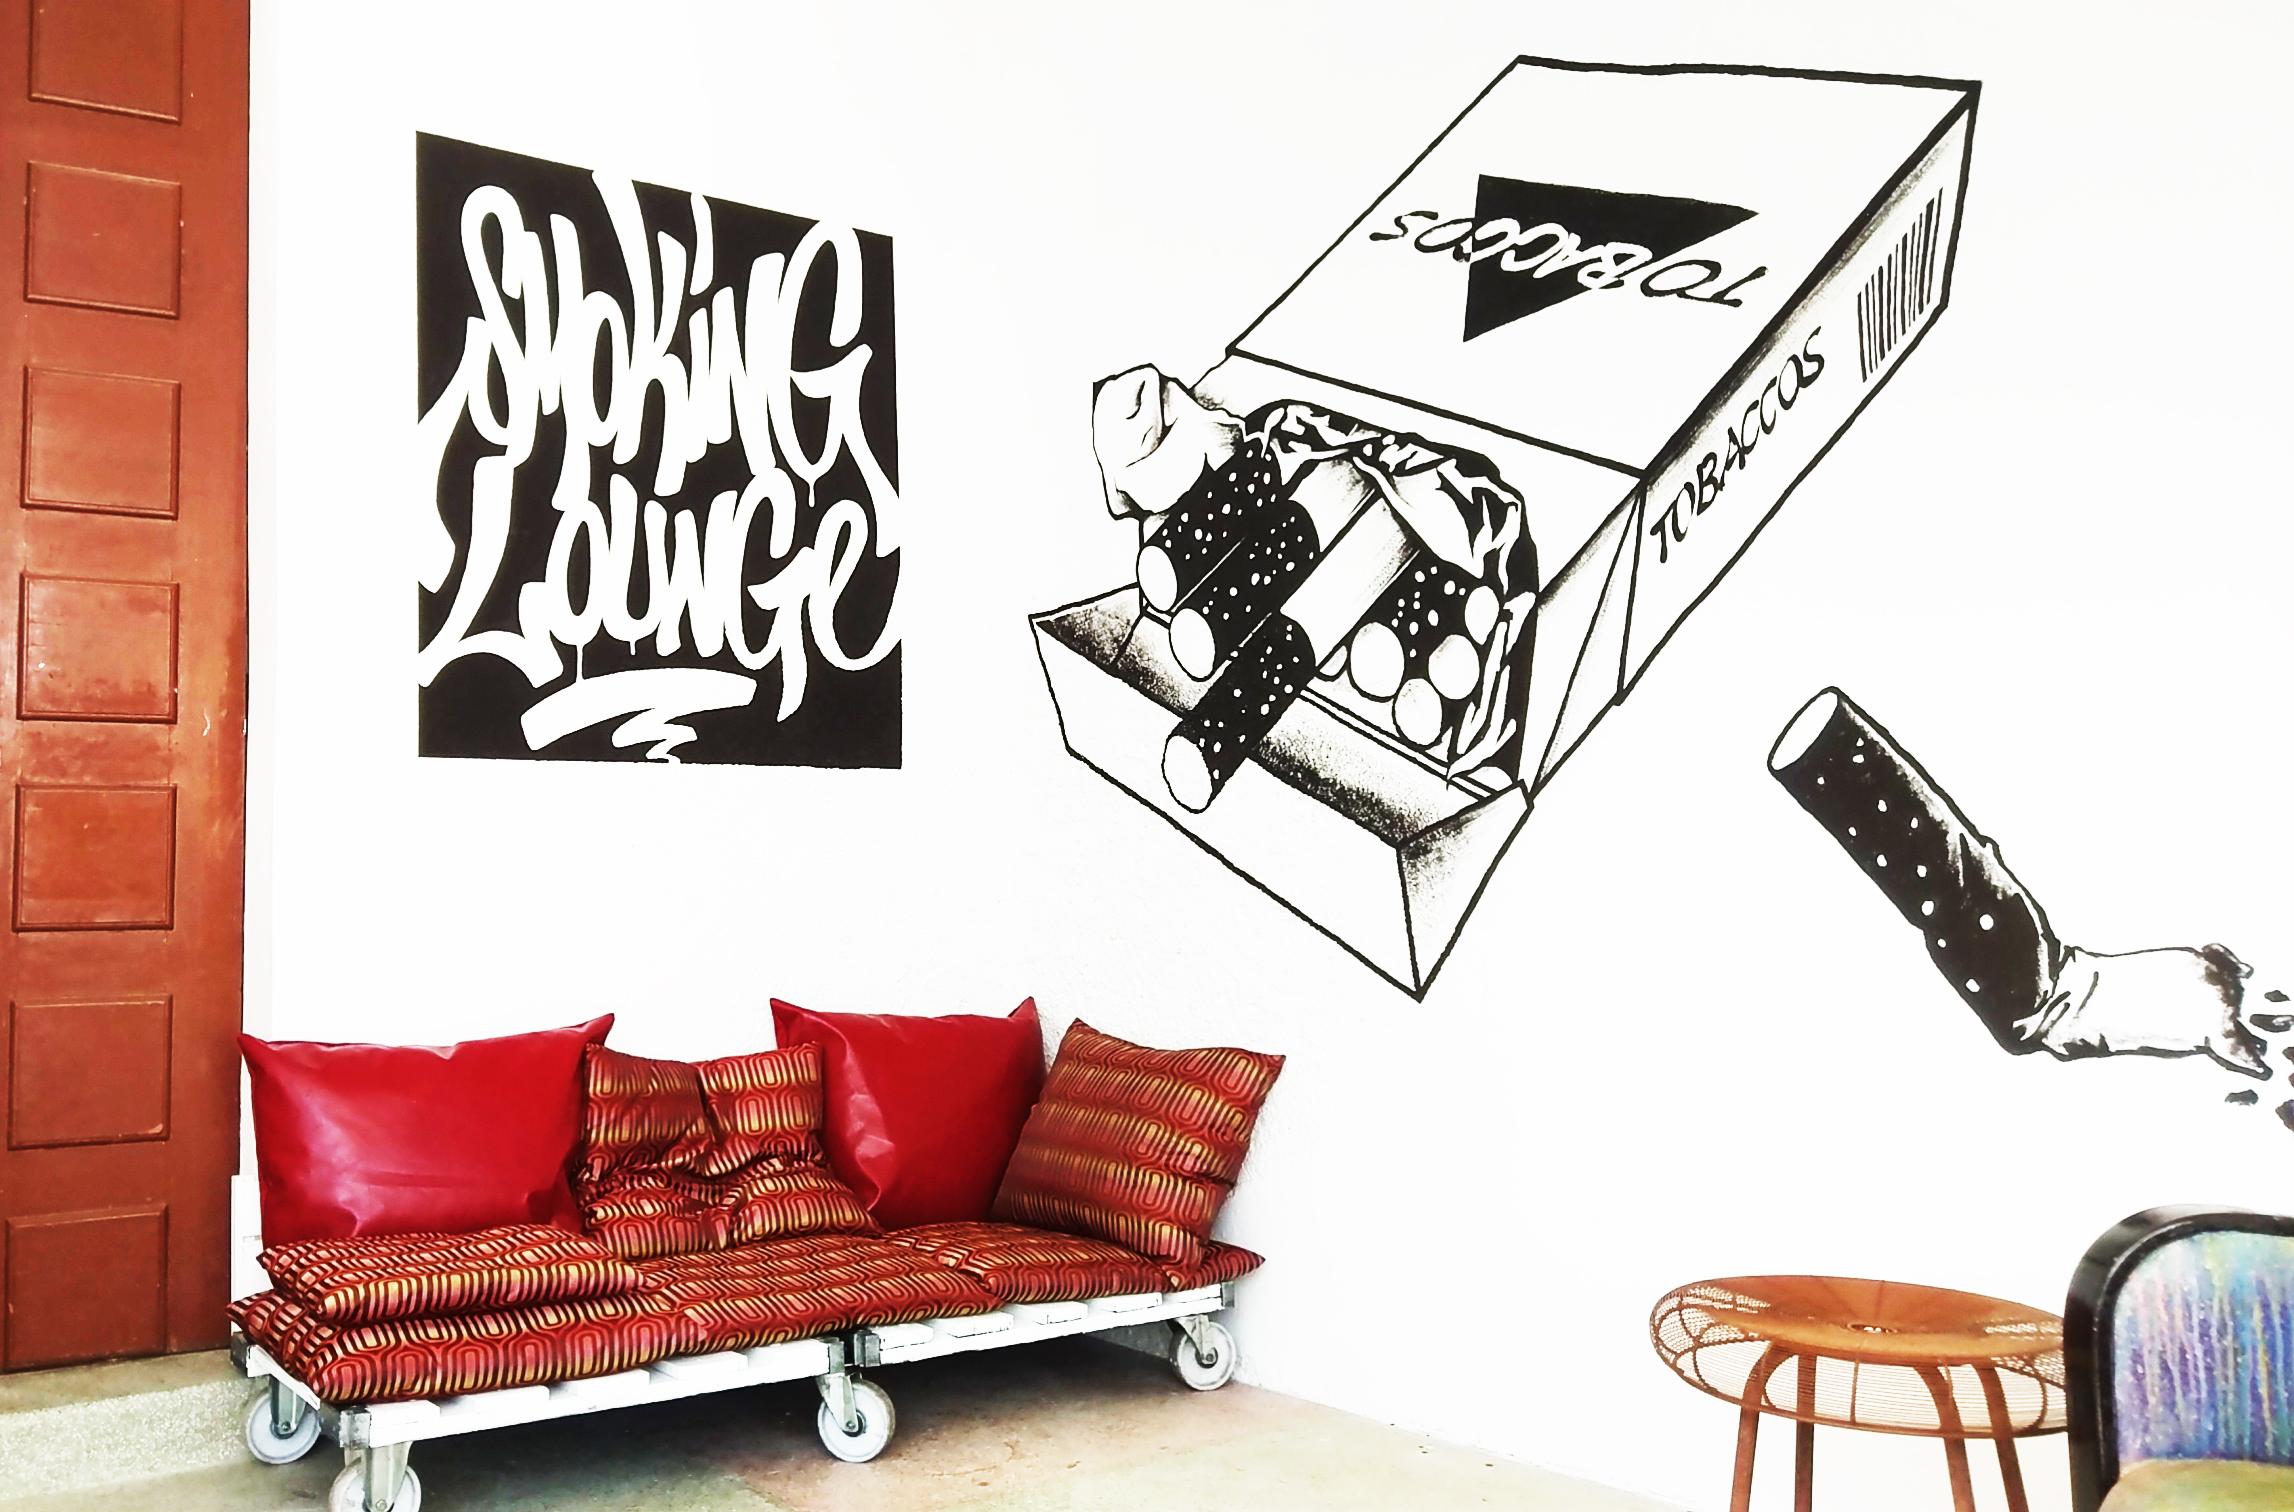 casa_graffiti_2.jpg